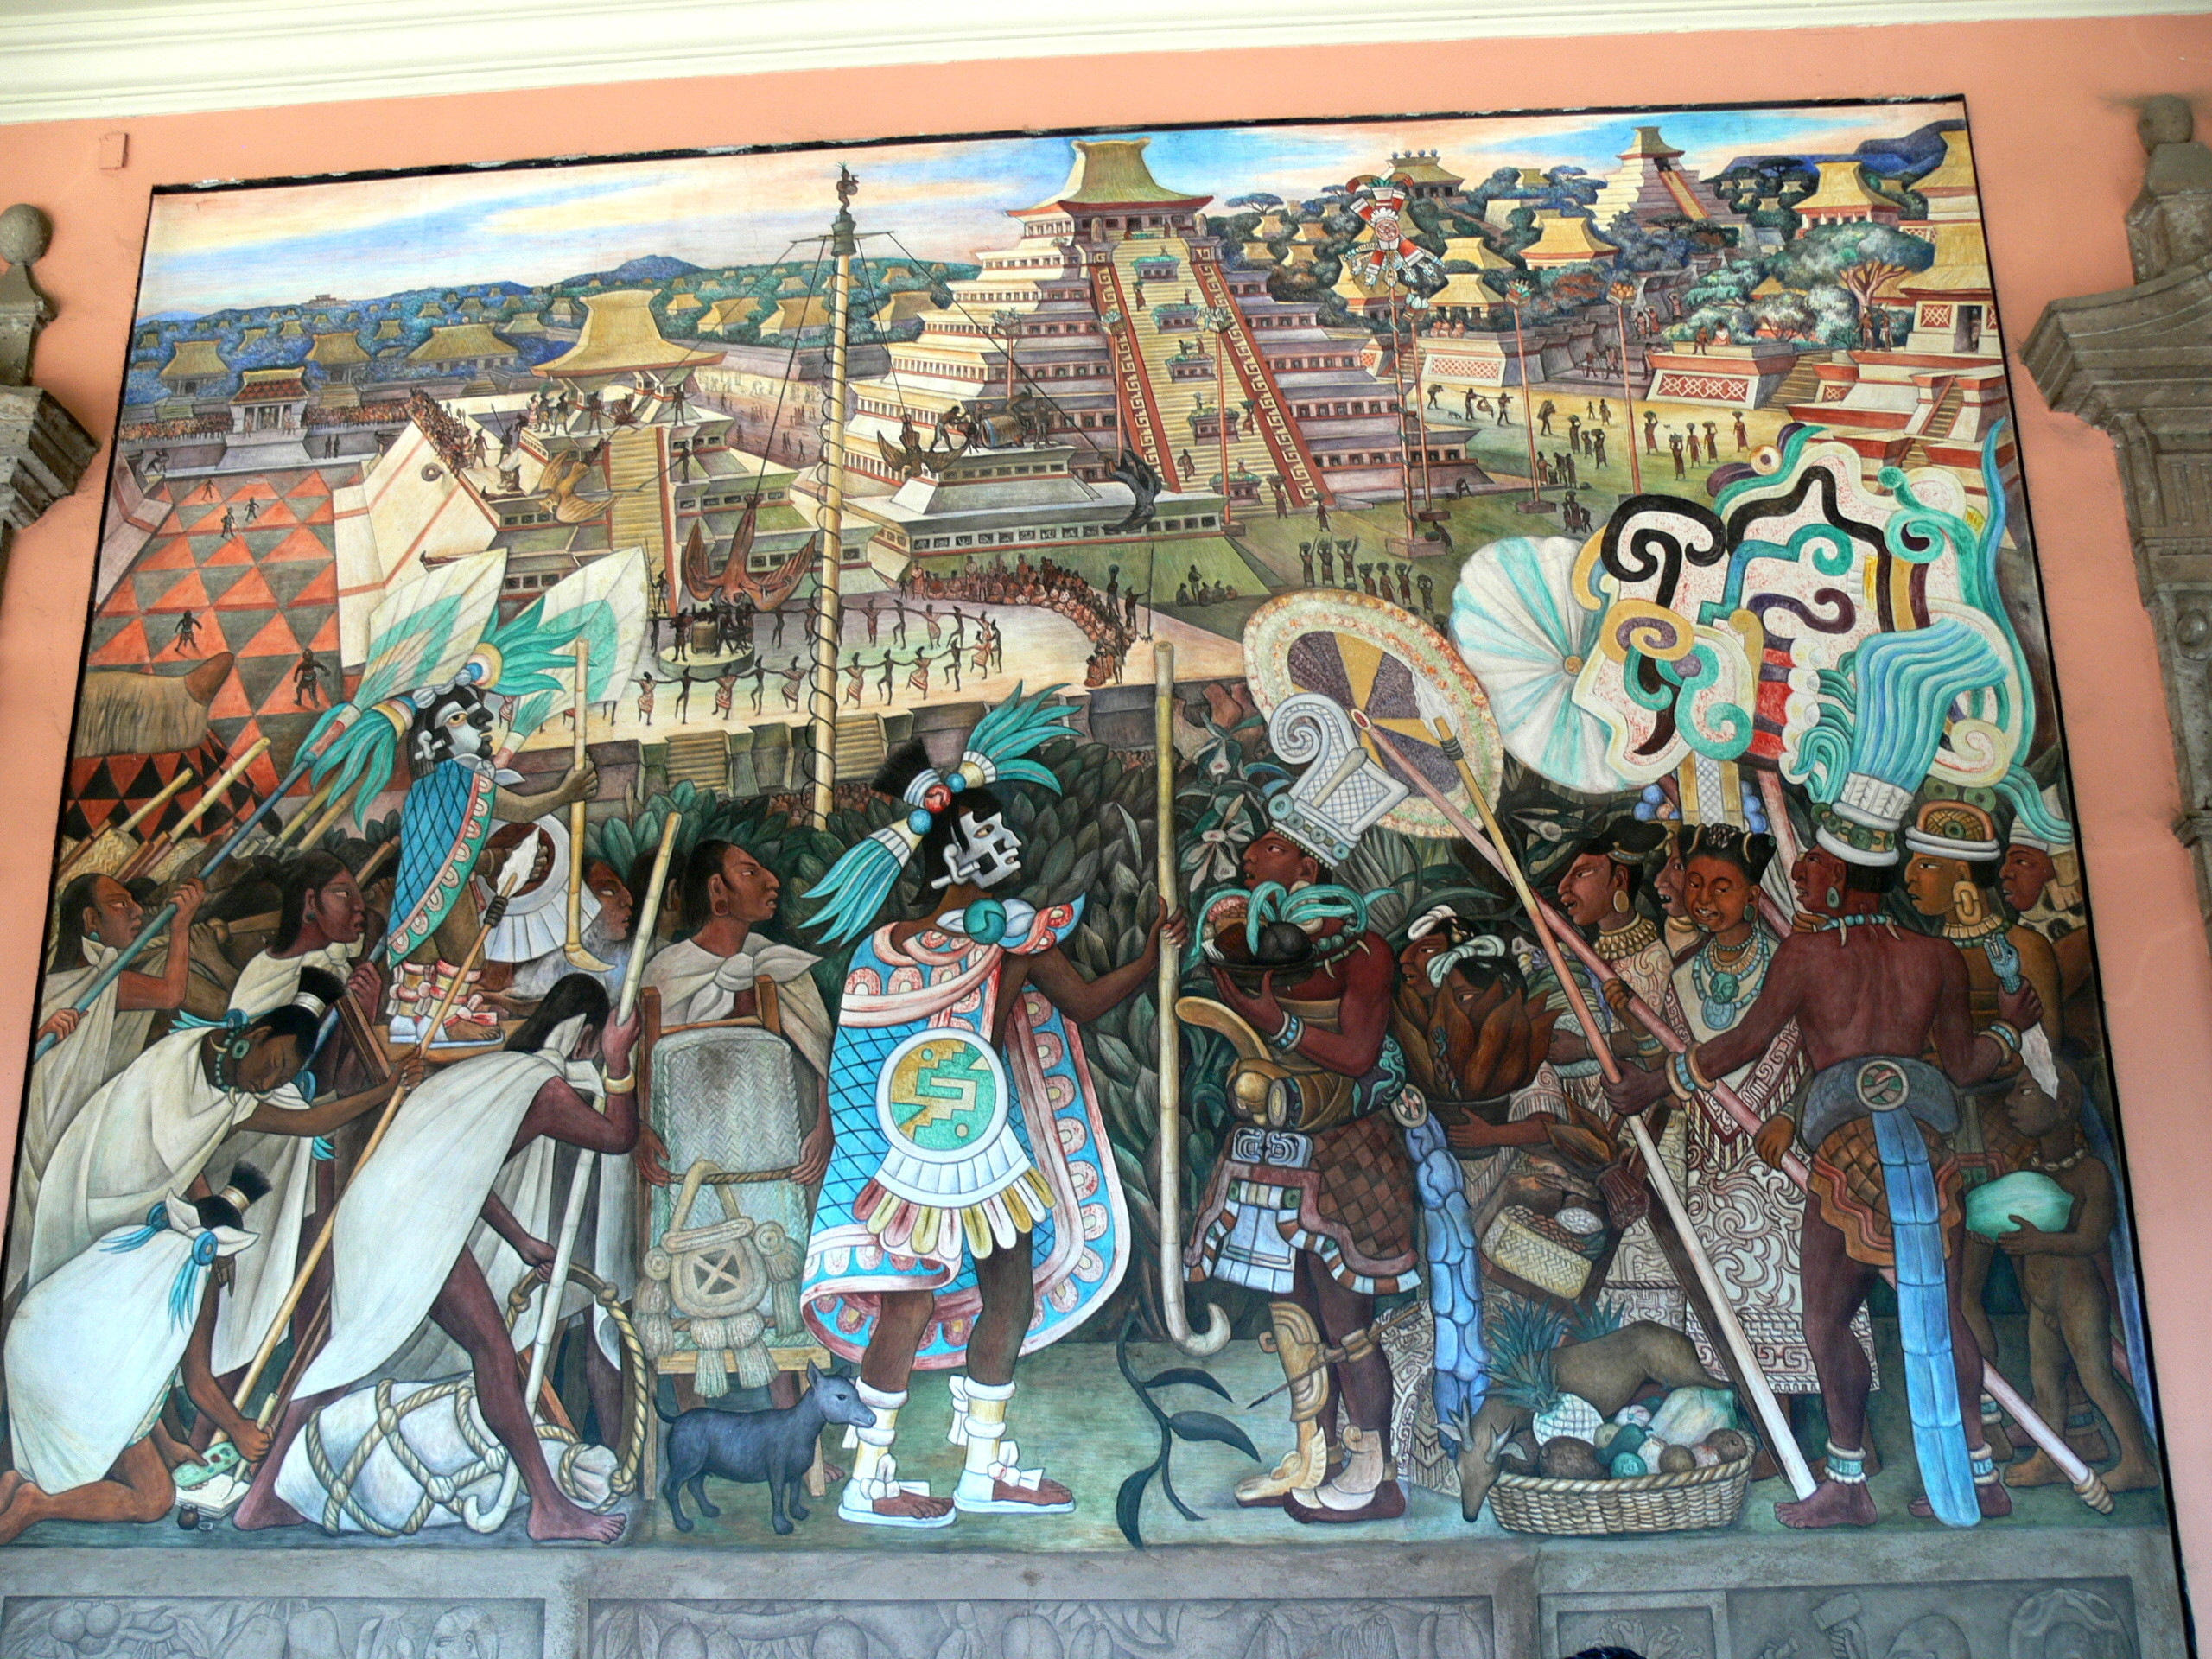 Res: 2560x1920, Datei:Murales Rivera - Indianer vor Tenochtitlan.jpg